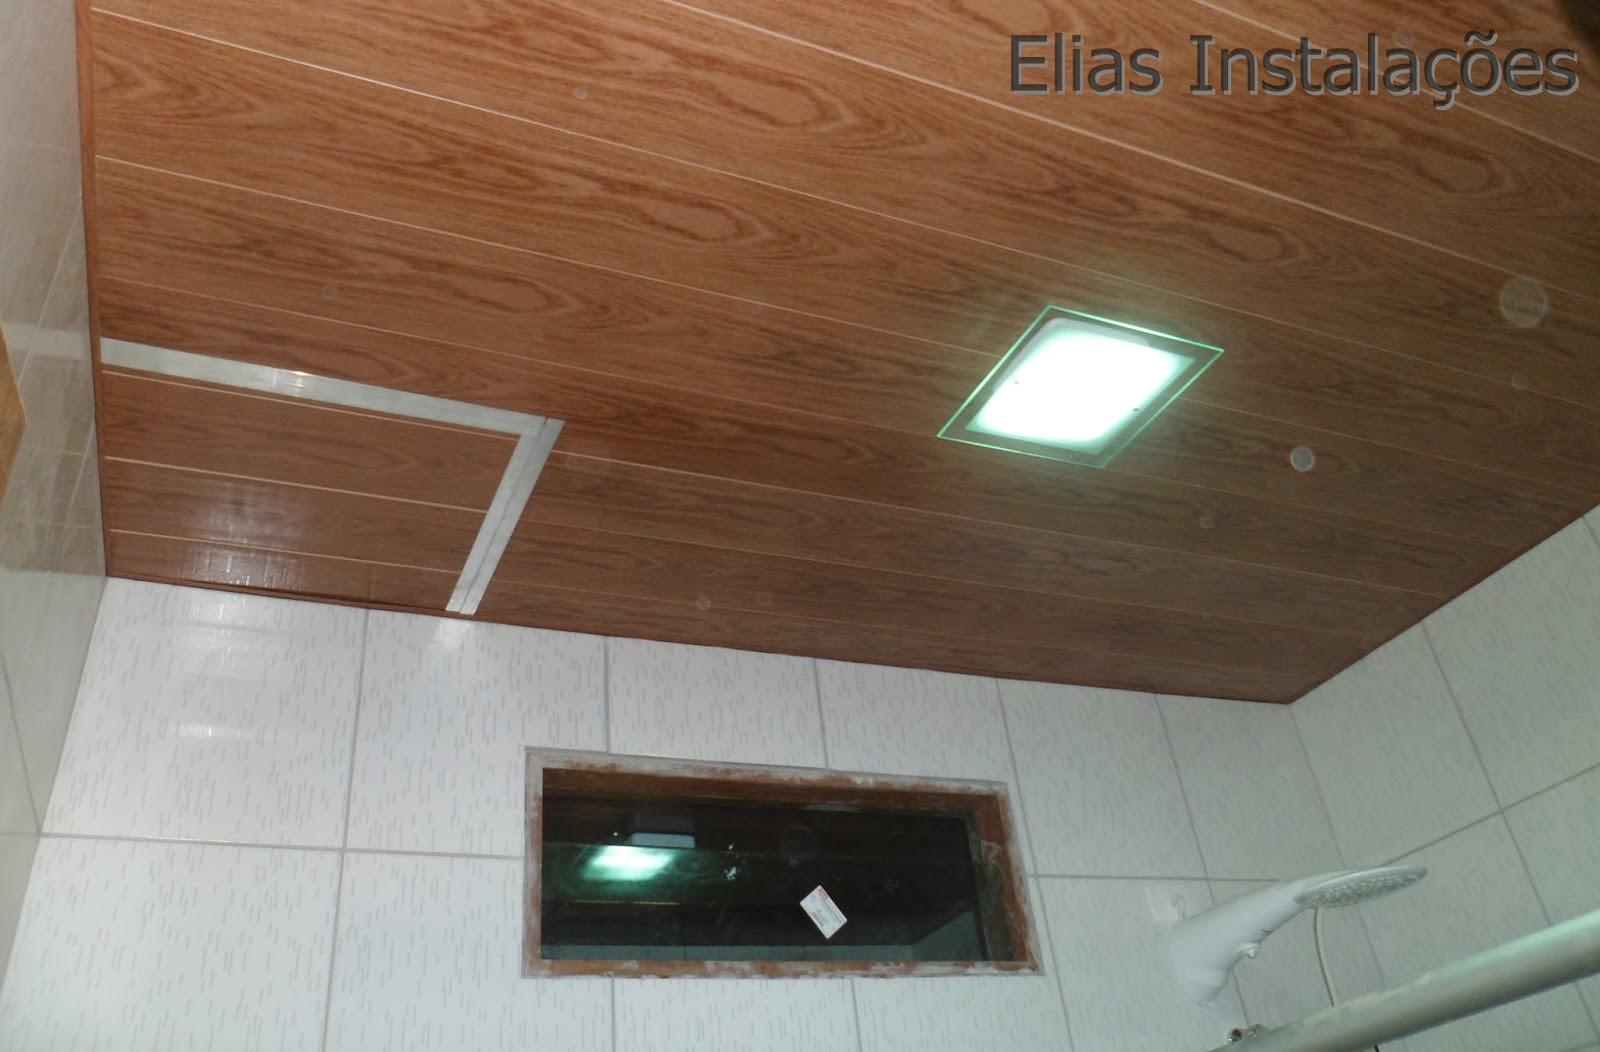 #6C4830 Elias Instalador: Tampa/ Abertura no forro de pvc que imita madeira 1870 Janela De Aluminio Que Imita Madeira